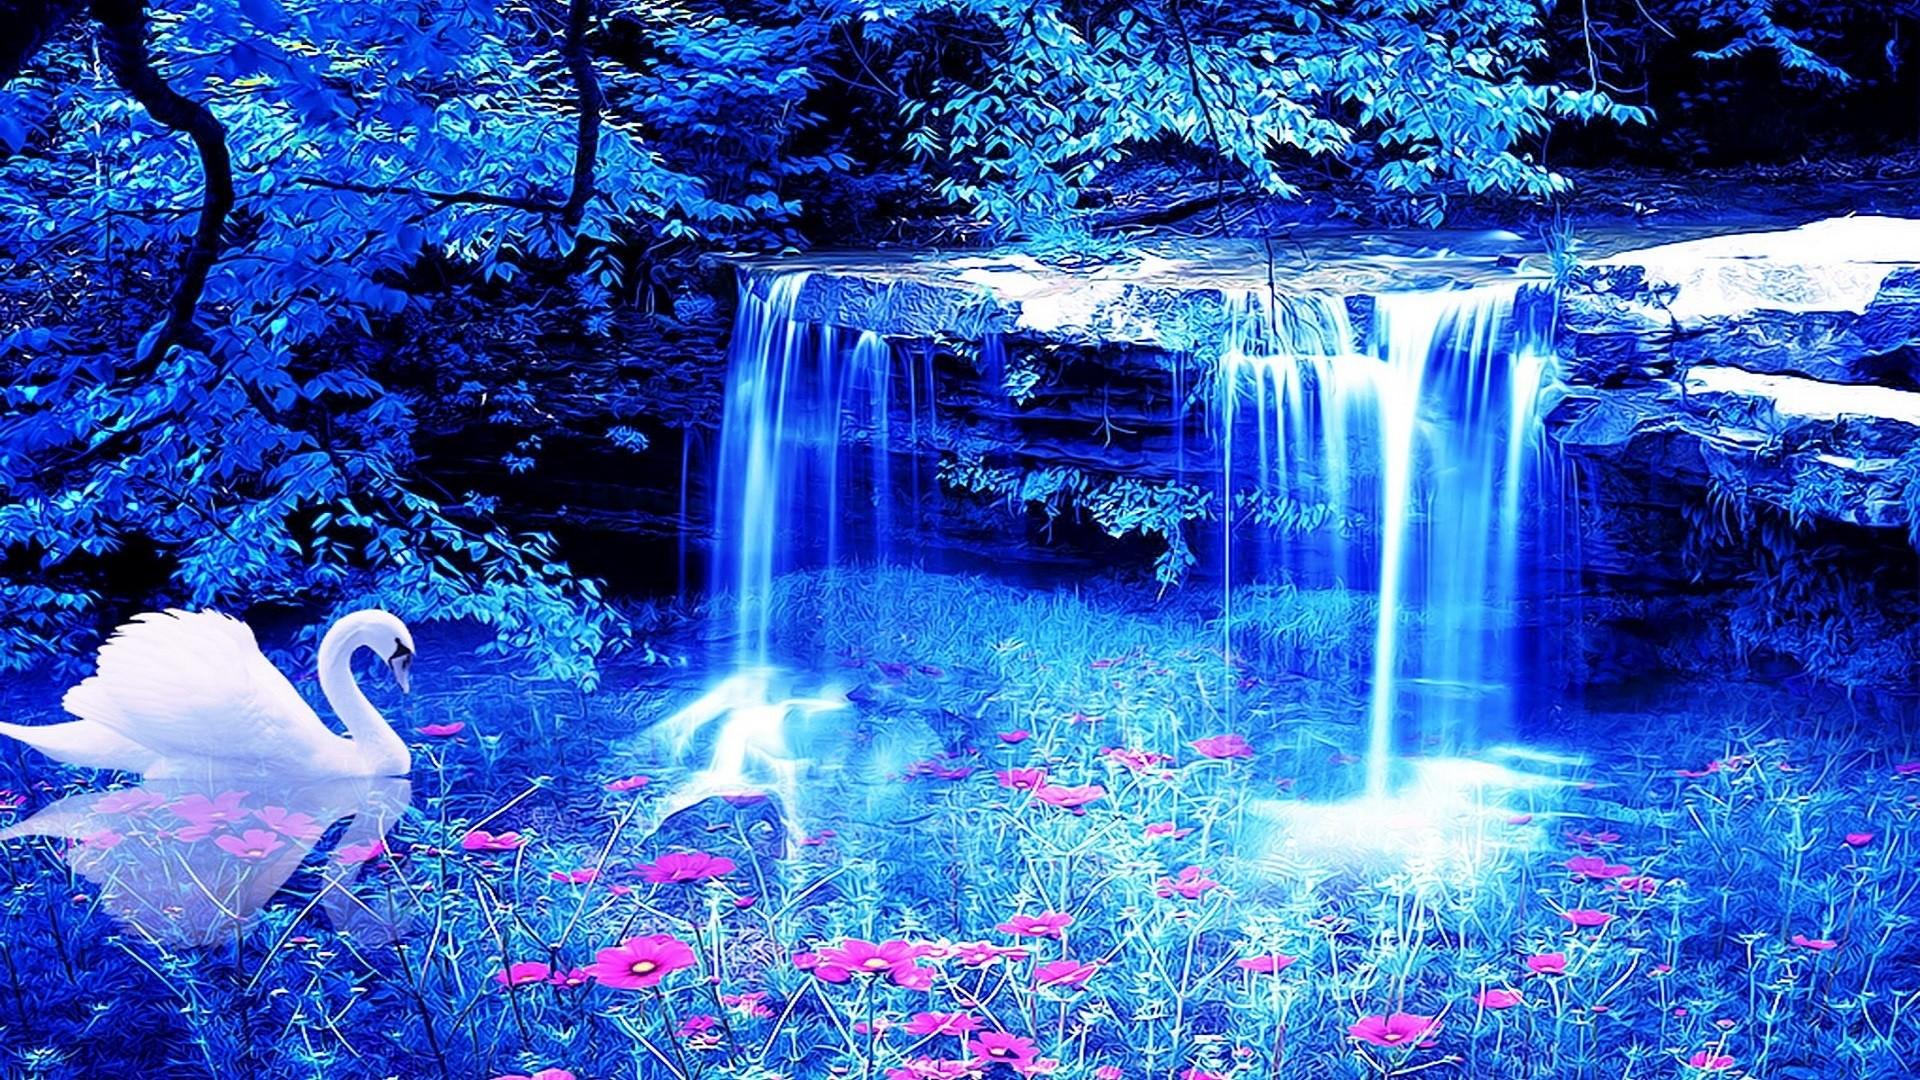 Hình nền nghệ thuật thác nước cực đẹp